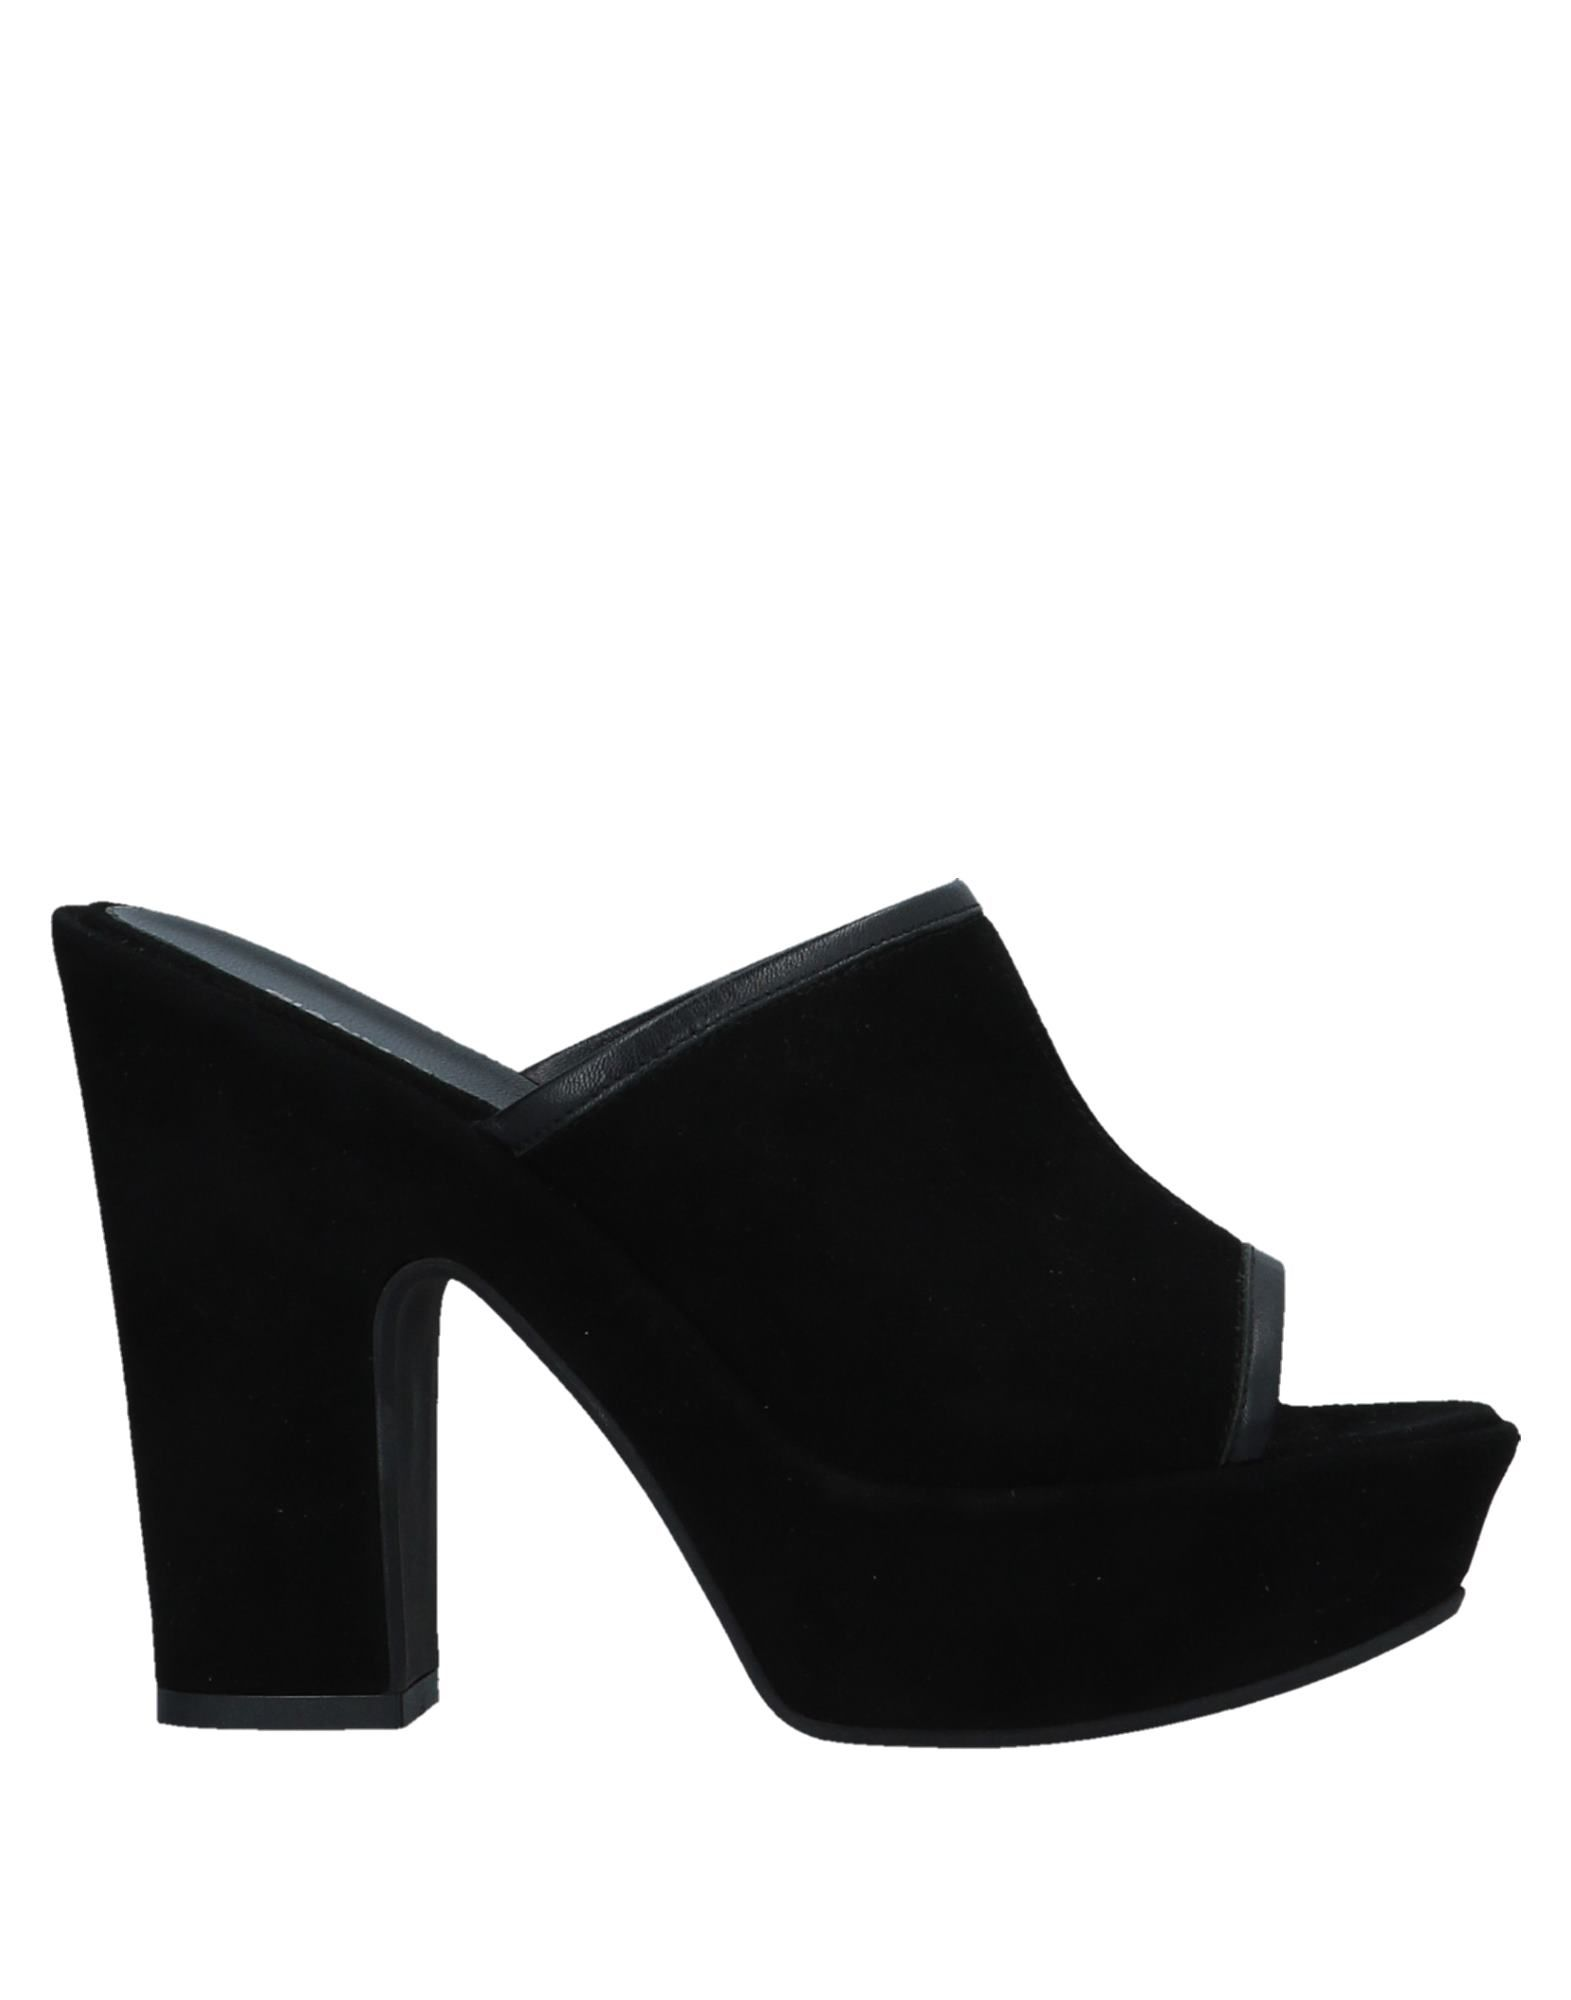 GIANMARCO SORELLI | GIANMARCO SORELLI Sandals 11537494 | Goxip